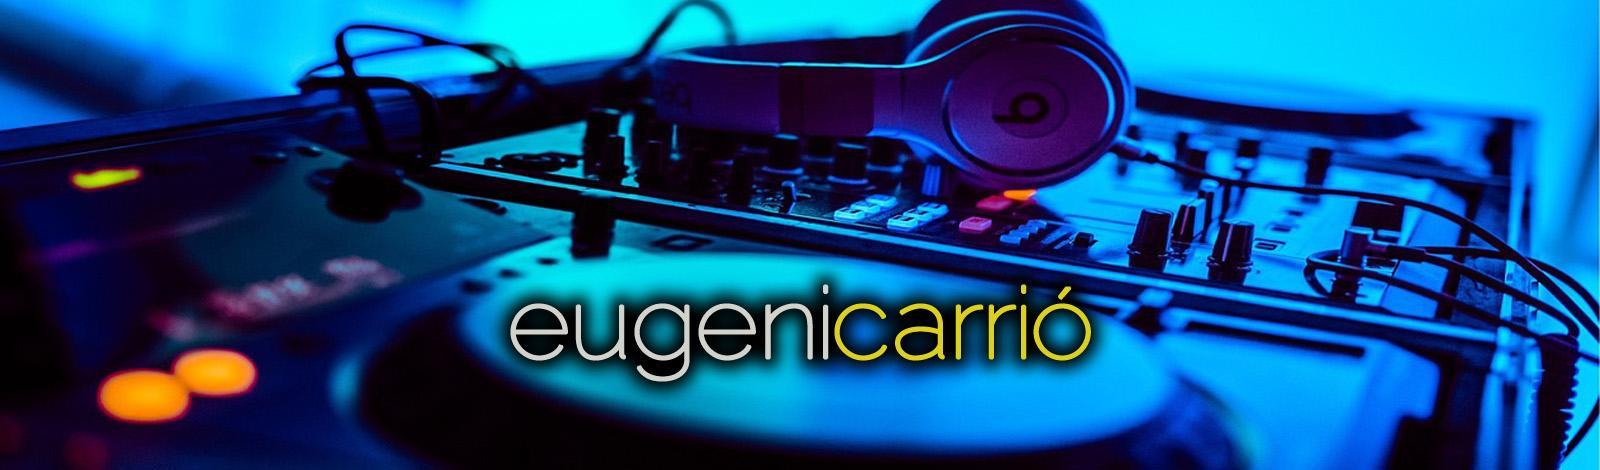 slider-eugenicarrio1